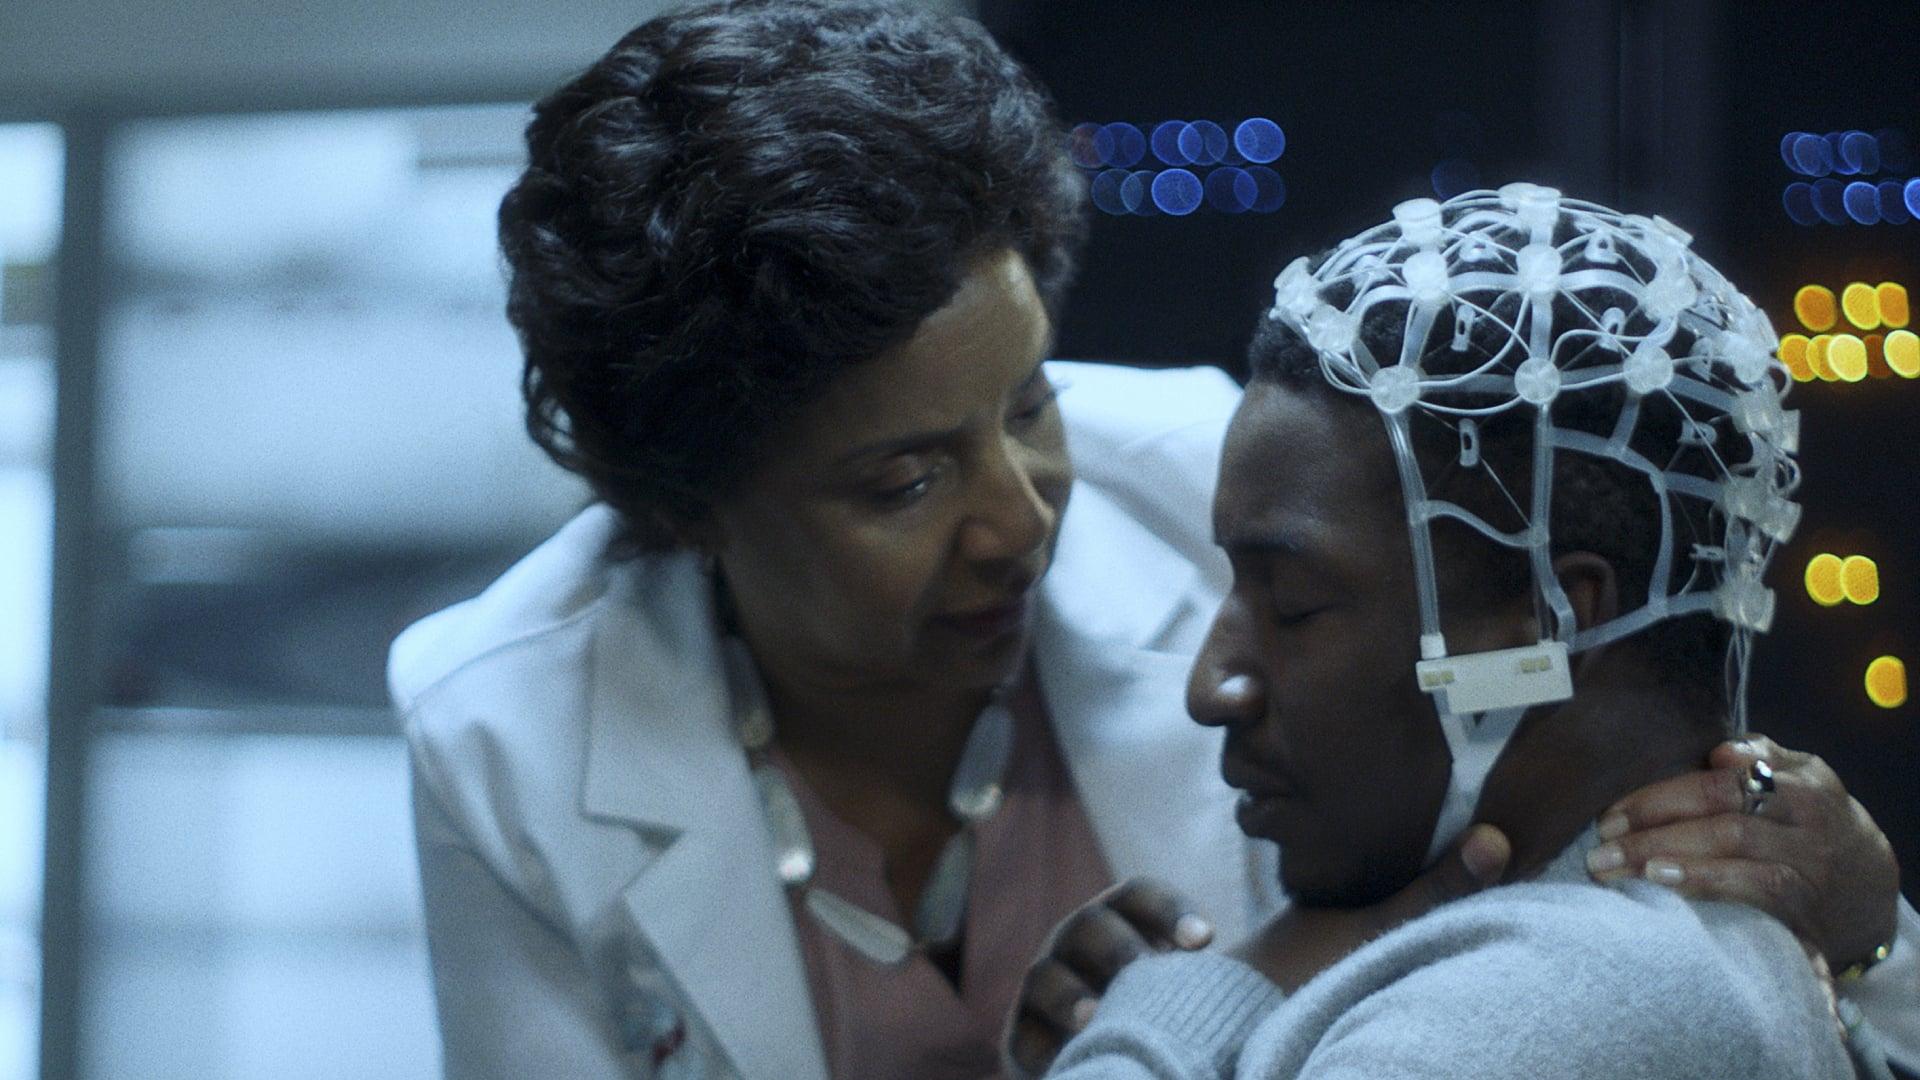 Review: Black Box (2020)